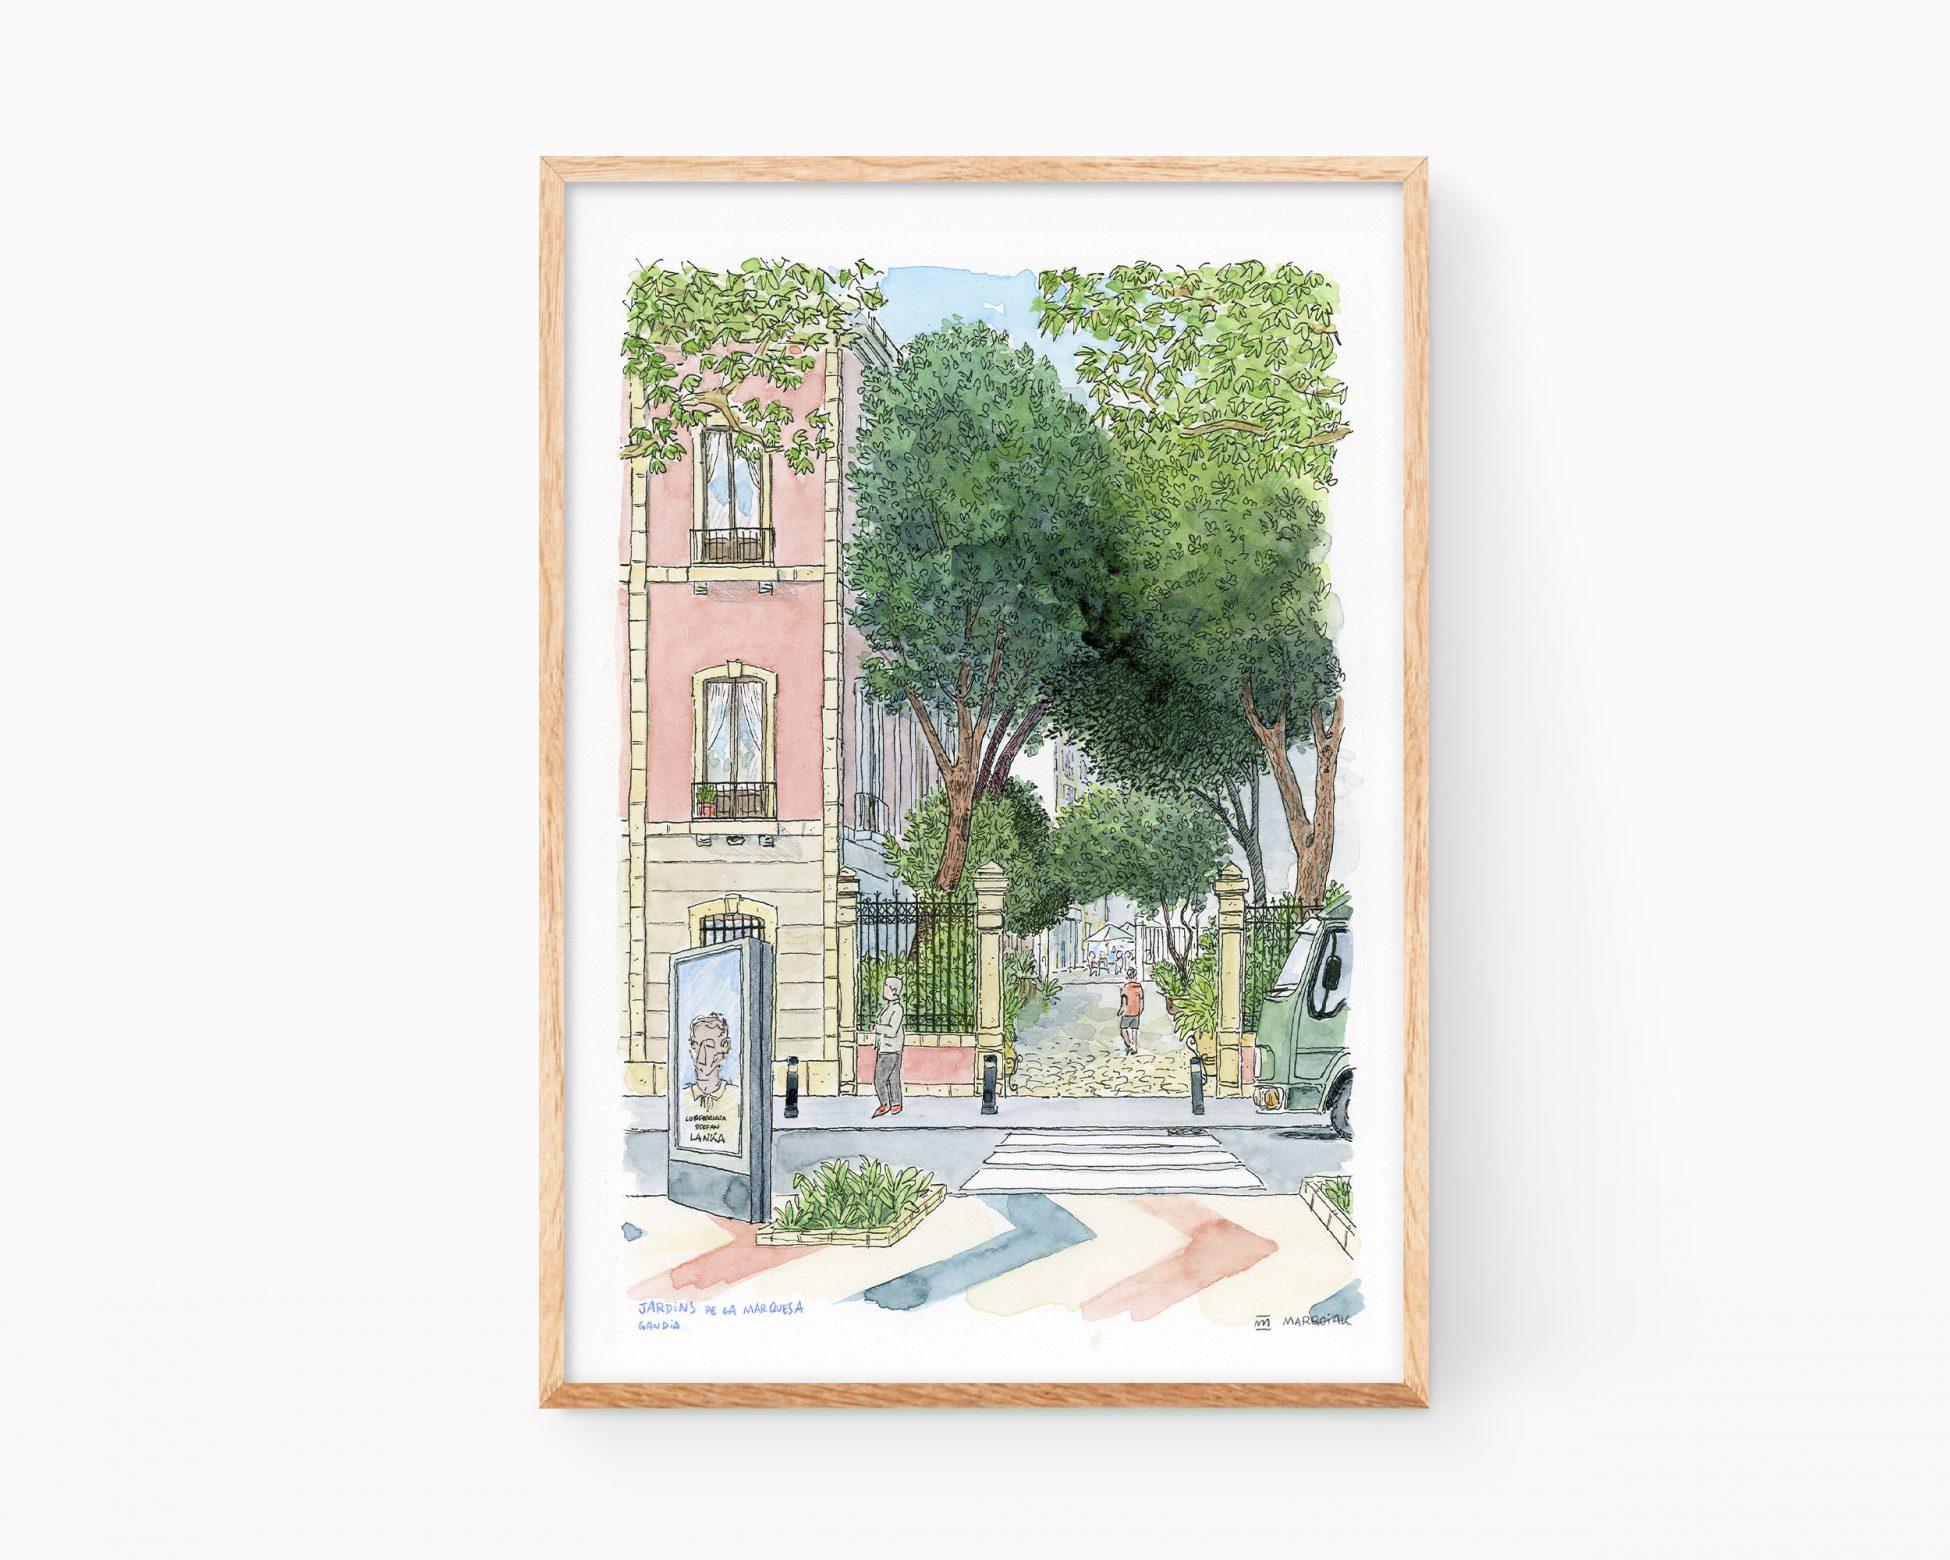 Cuadro para enmarcar decorativo con una ilustración en acuarela y tinta de la Casa de la Marquesa en la ciudad de Gandía (Valencia). Bocetos de la Safor